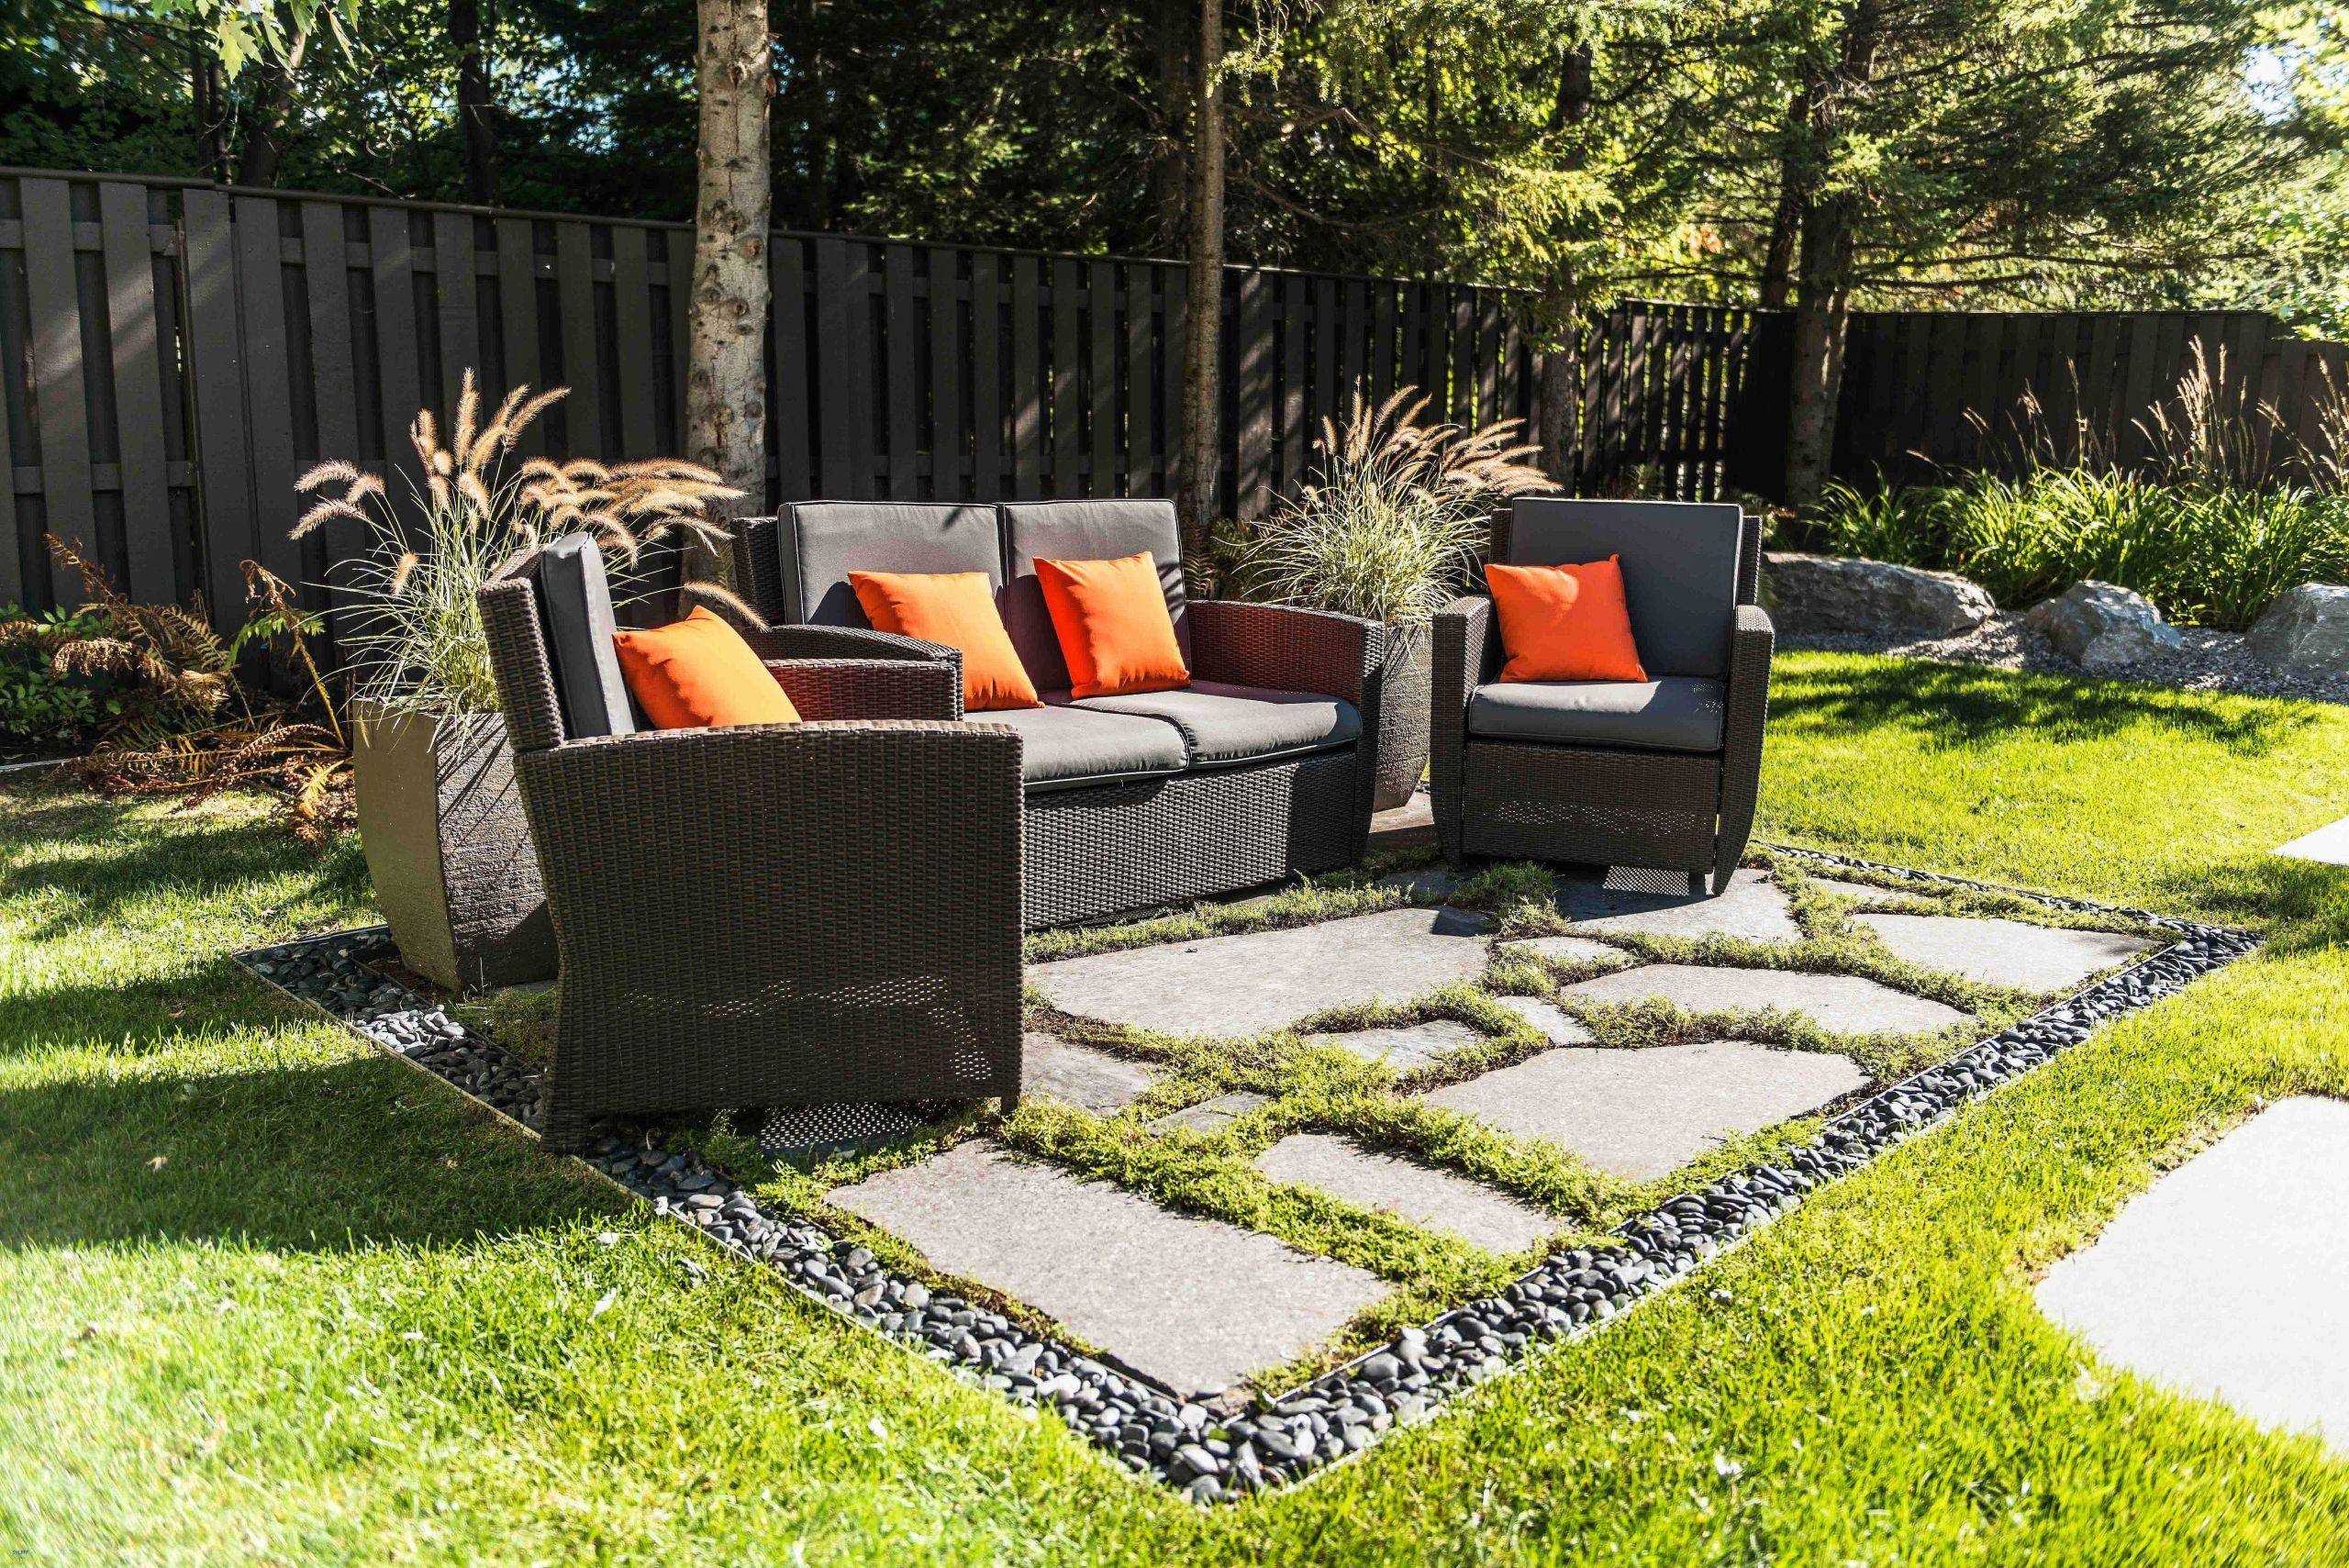 ideas de jardines luxury idee amenagement exterieur maison bar de terrasse exterieur of ideas de jardines